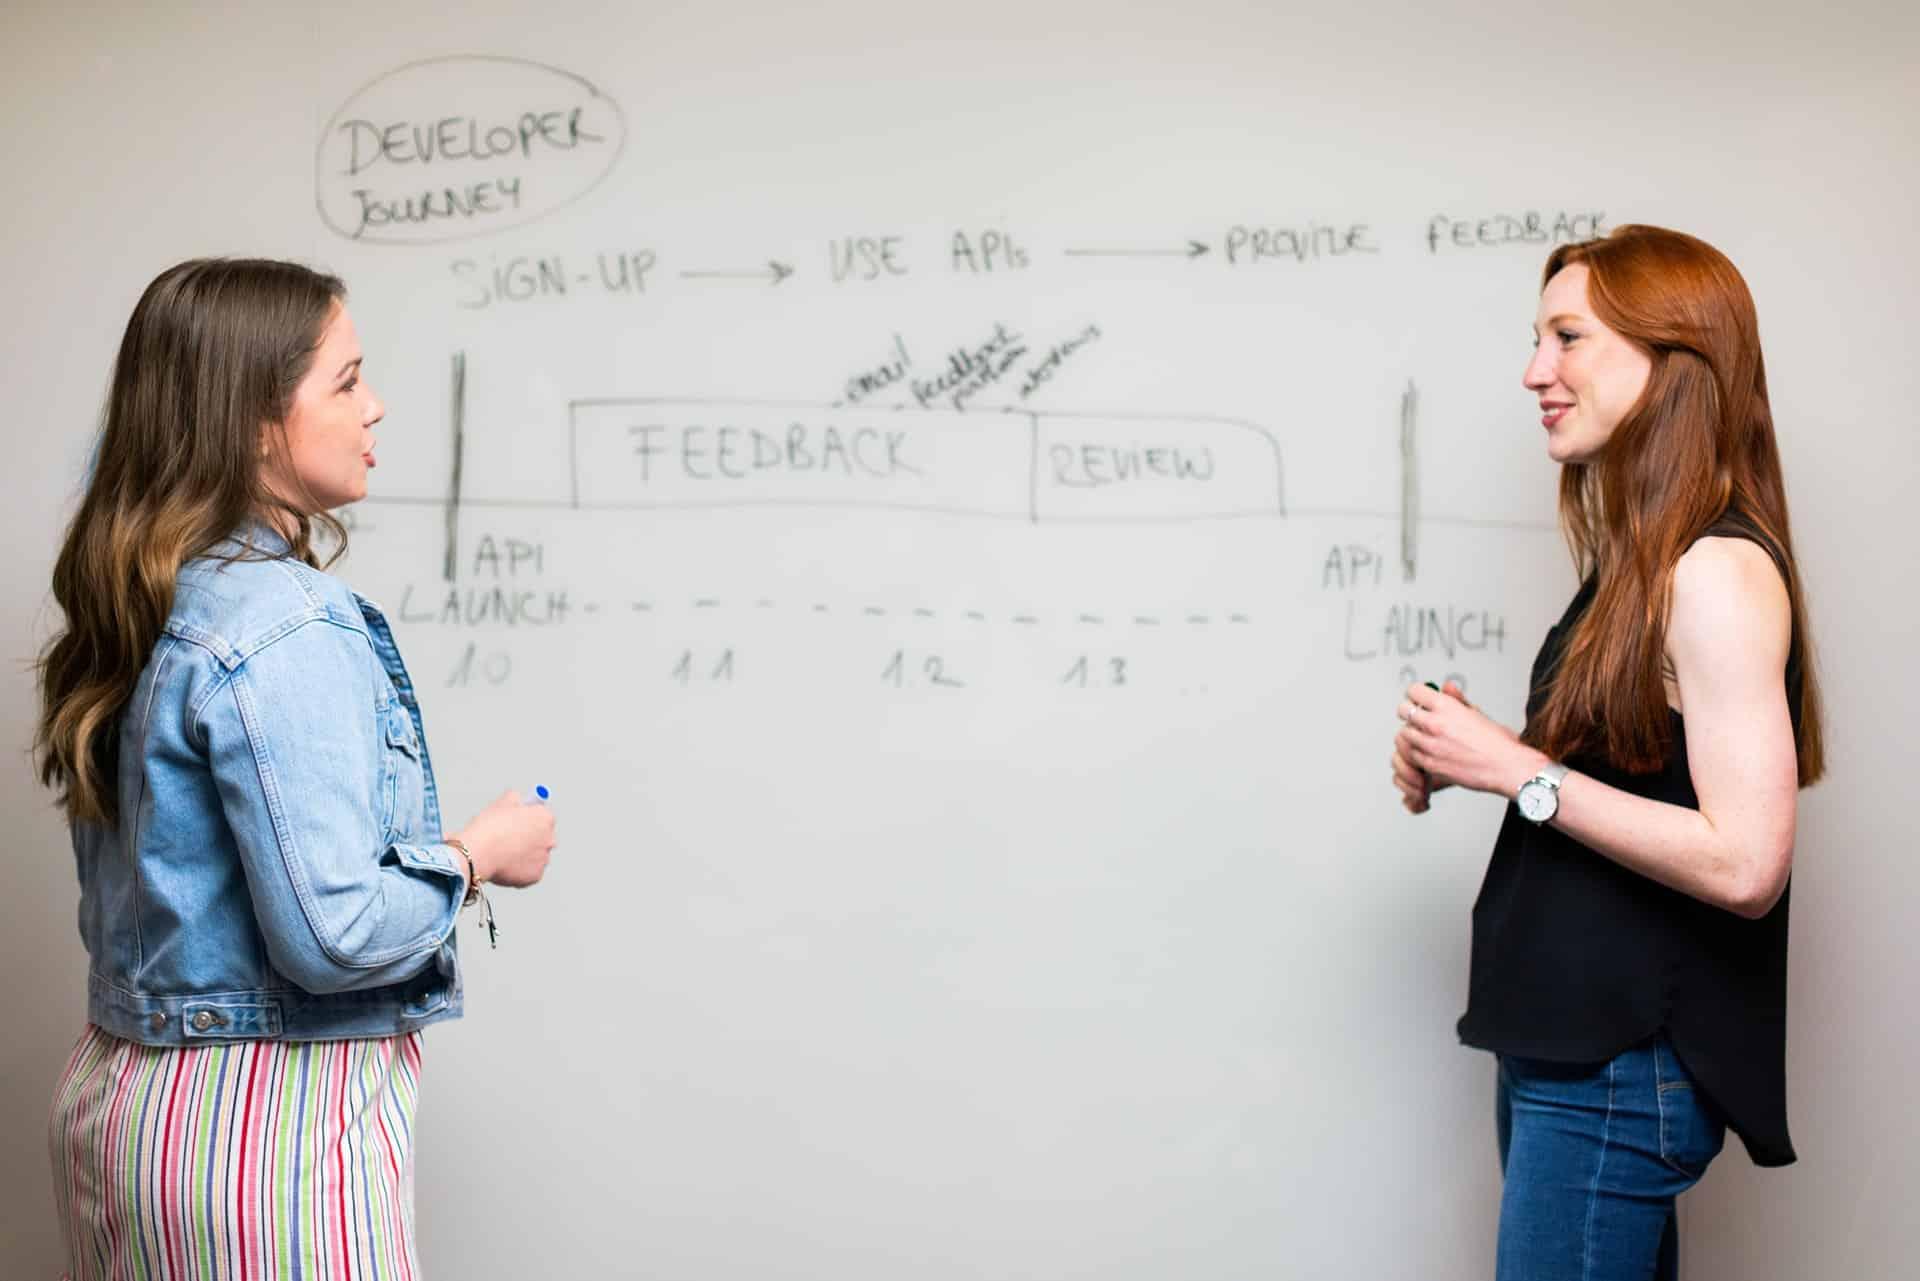 partner kwsoft zwei frauen stehen vor whiteboard und reden miteinander